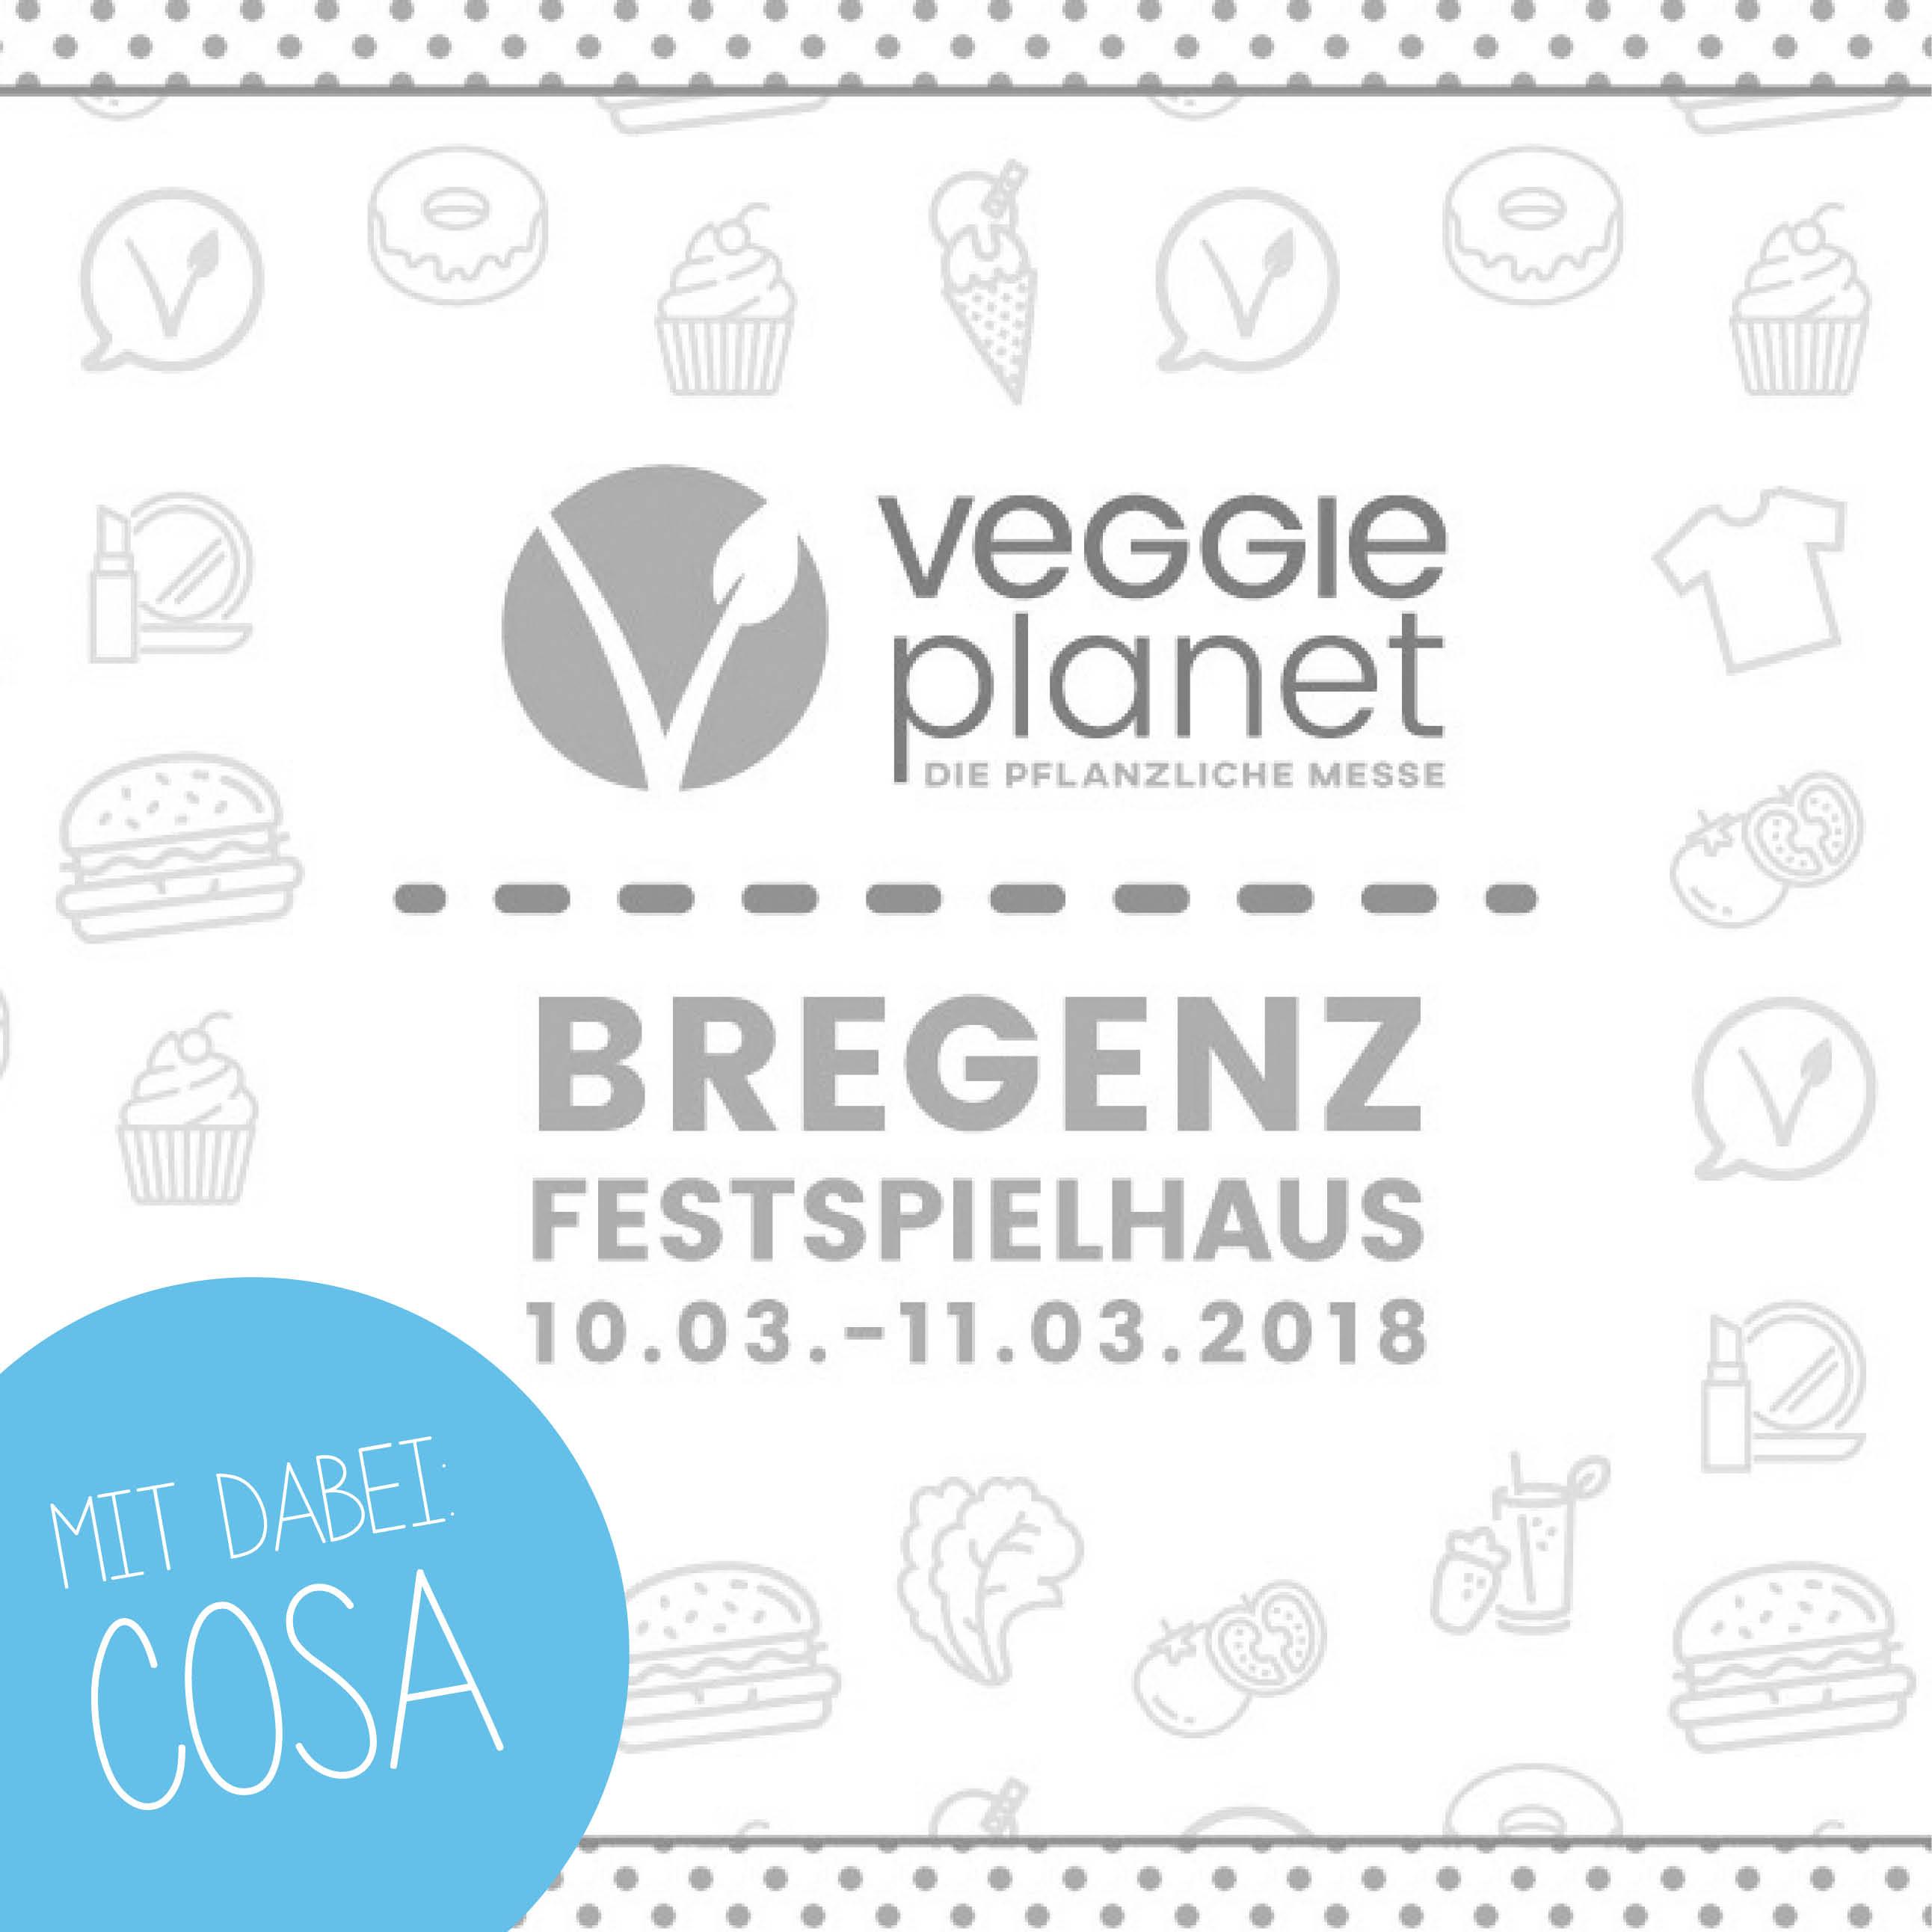 cosa Kosmetik auf der Veggie Planet Bregenz